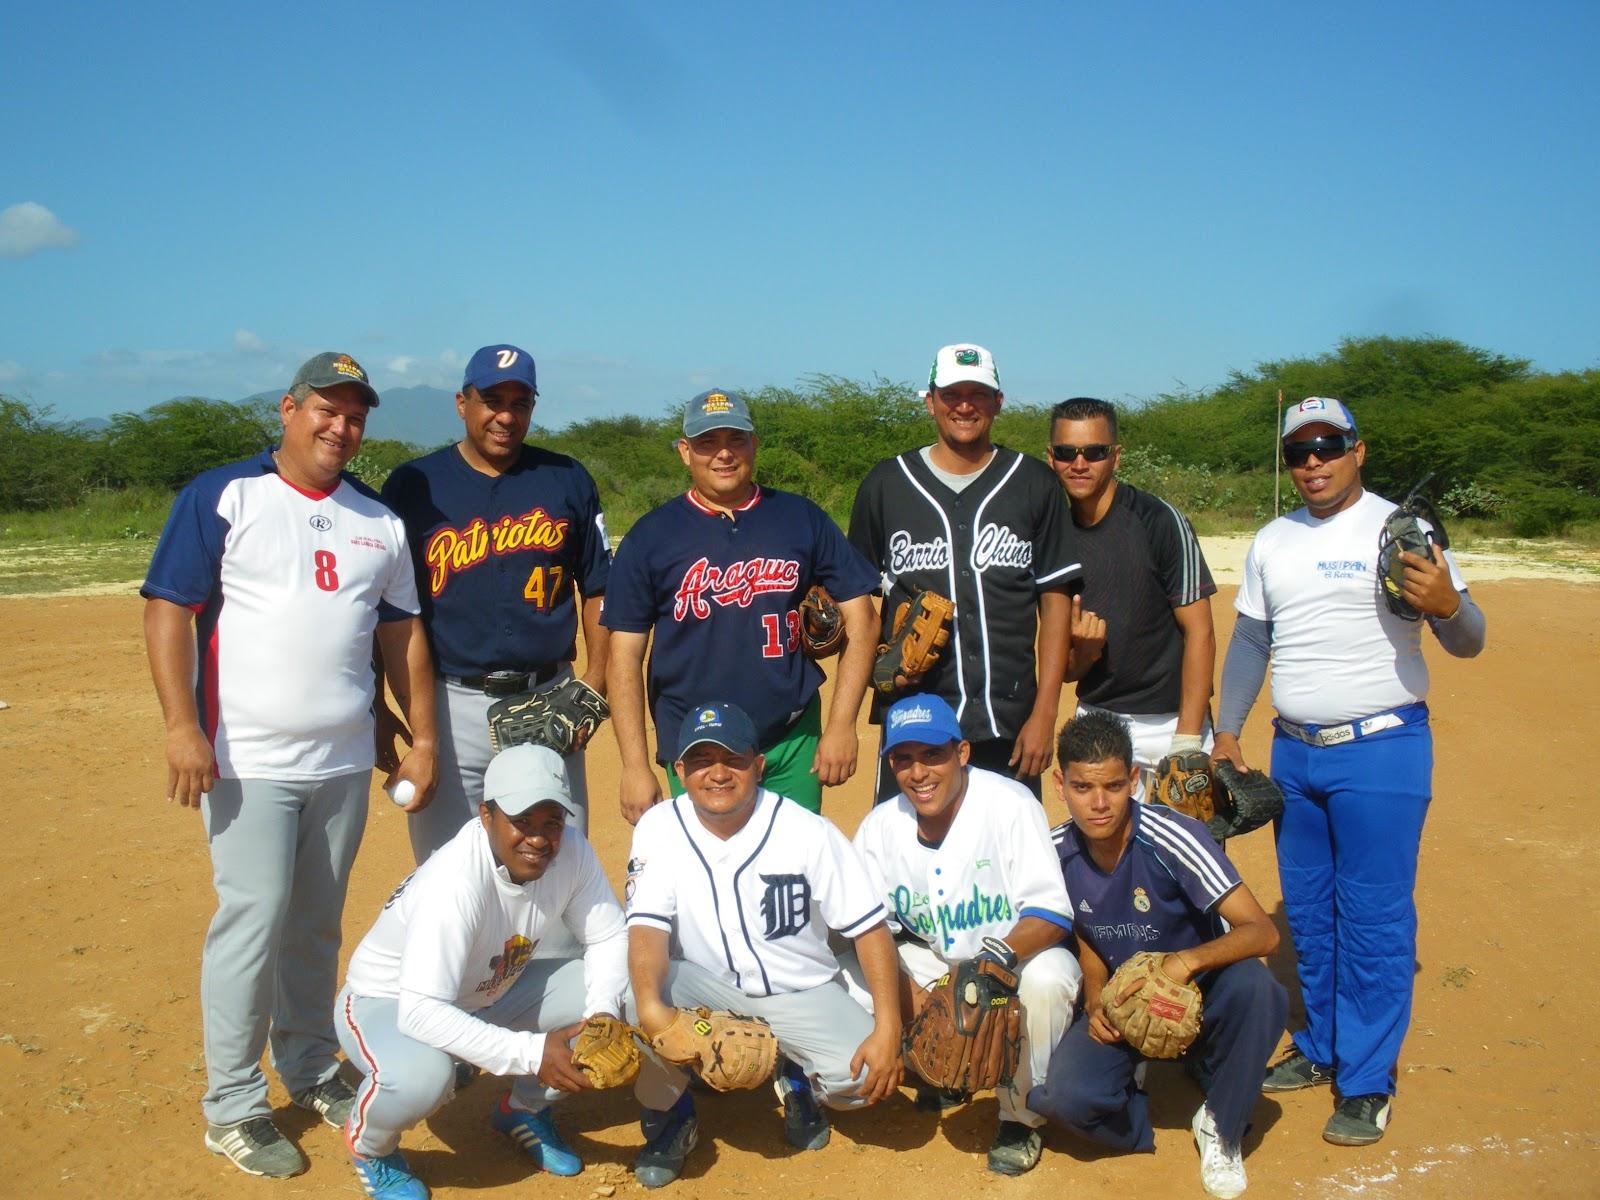 Peliagudo encuentro amistoso de softball entre las selecciones de Instituto Nacional de Tránsito Terrestre de Nueva Esparta(INTT) y Musipan.